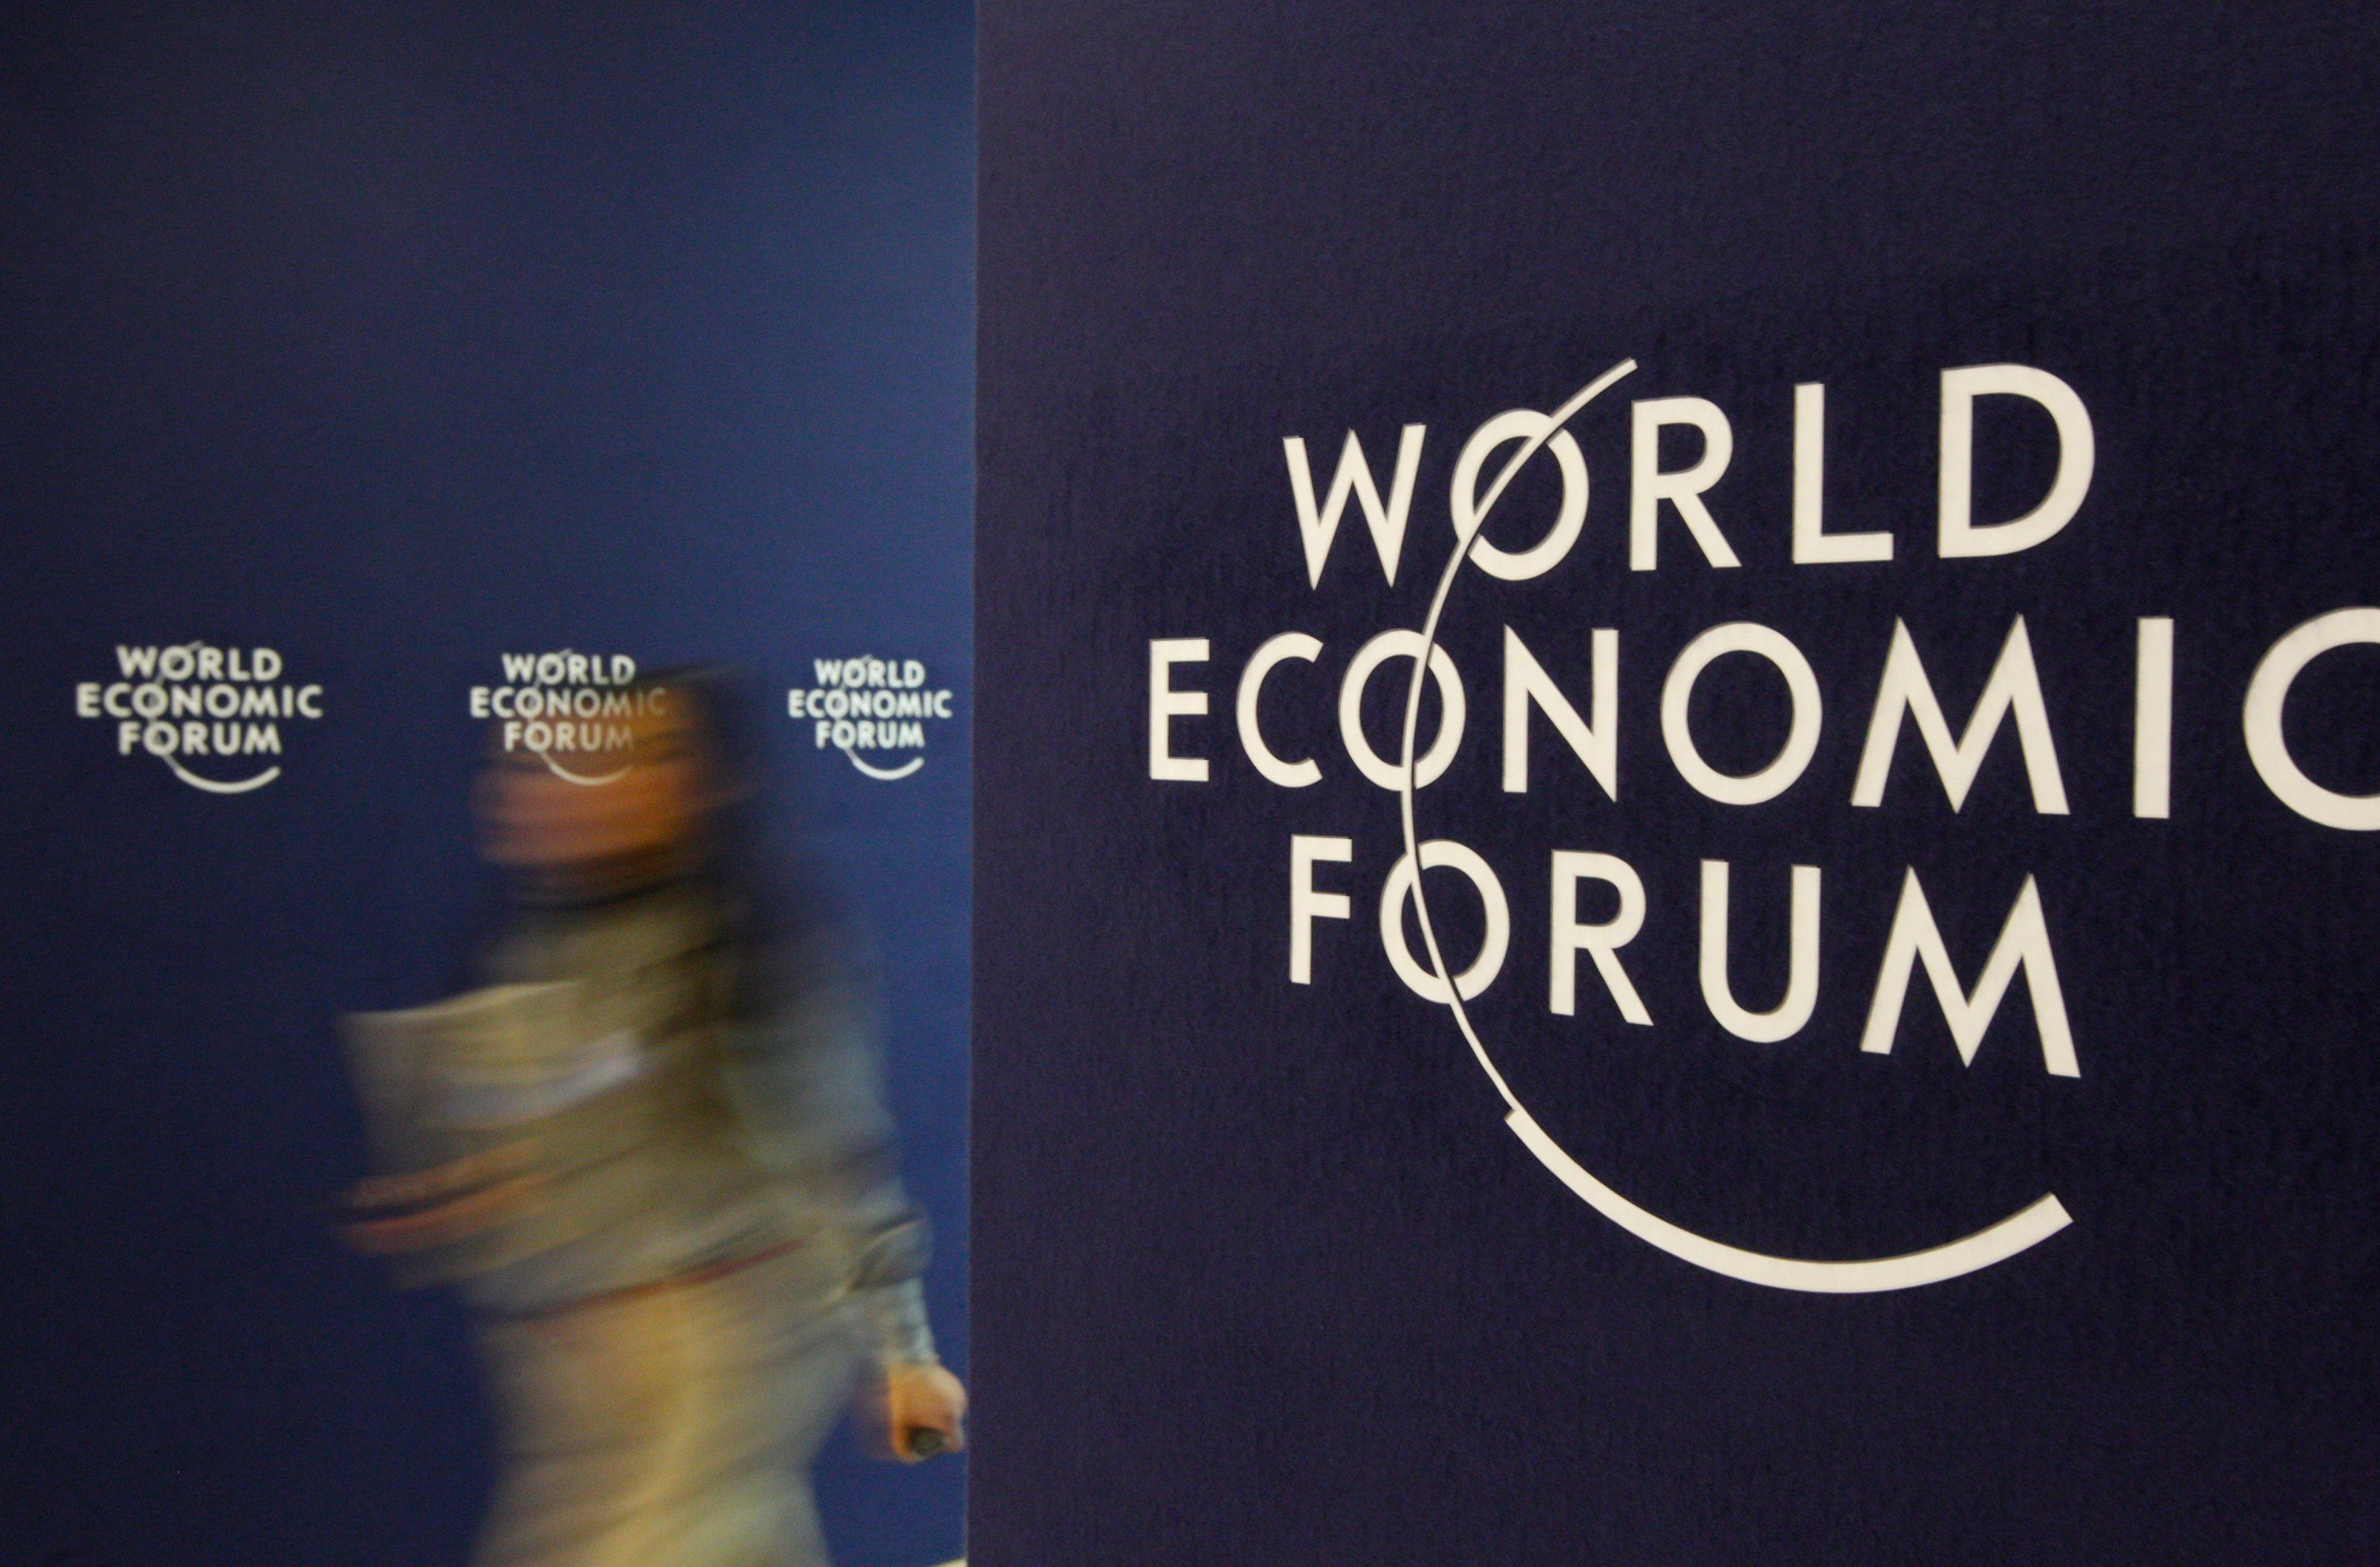 Le Forum économique mondial de Davos se termine le 26 janvier